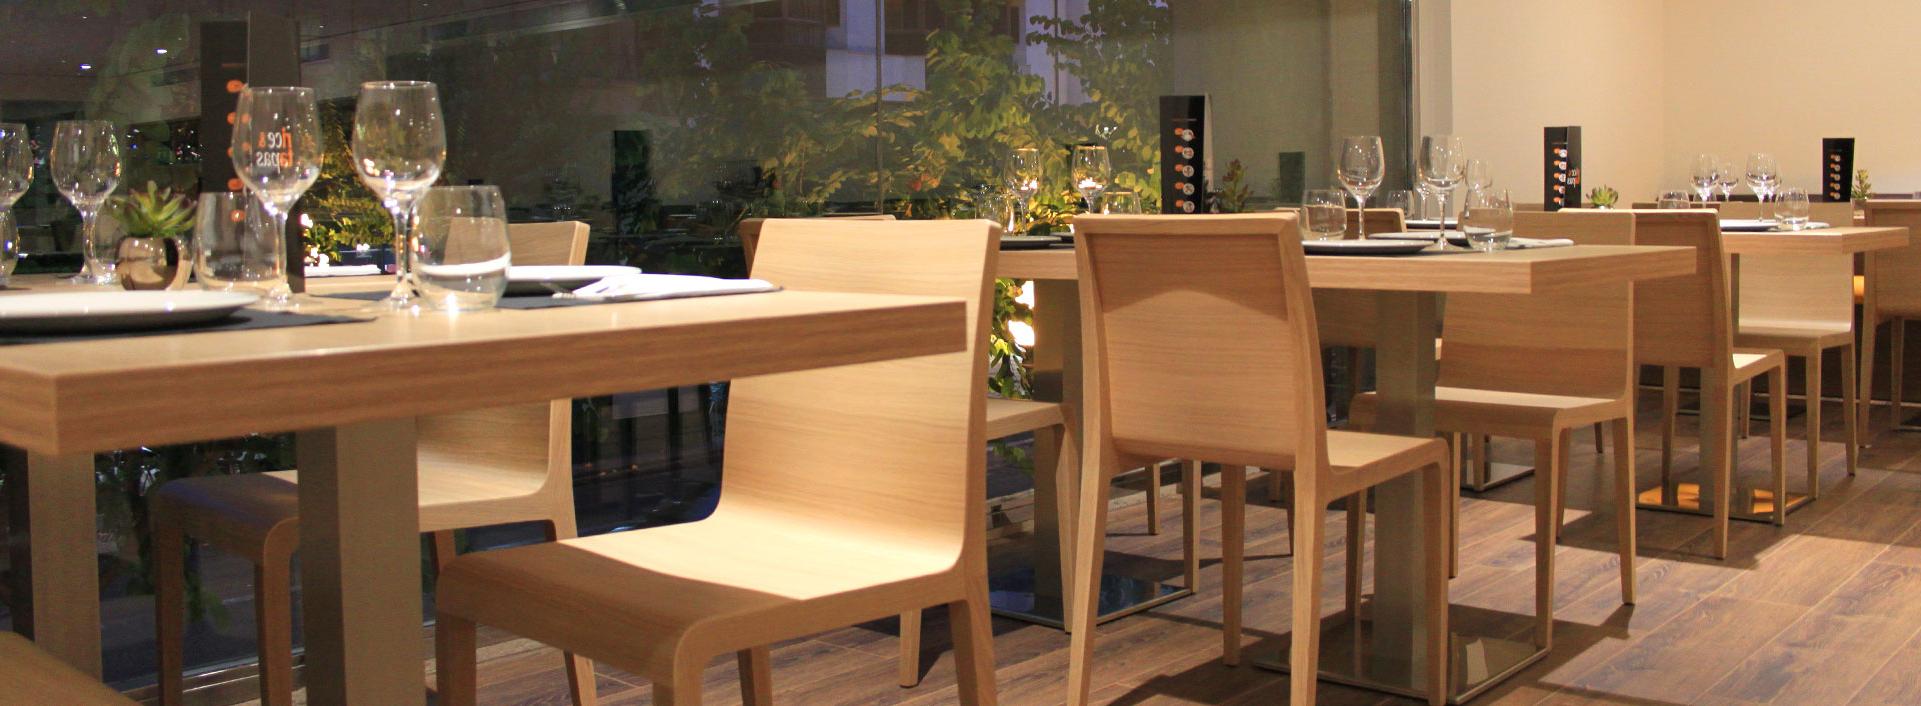 Mobiliario Restaurante Ipdd Mobiliario De Diseà O Para El Restaurante Rita Rice Tapas En